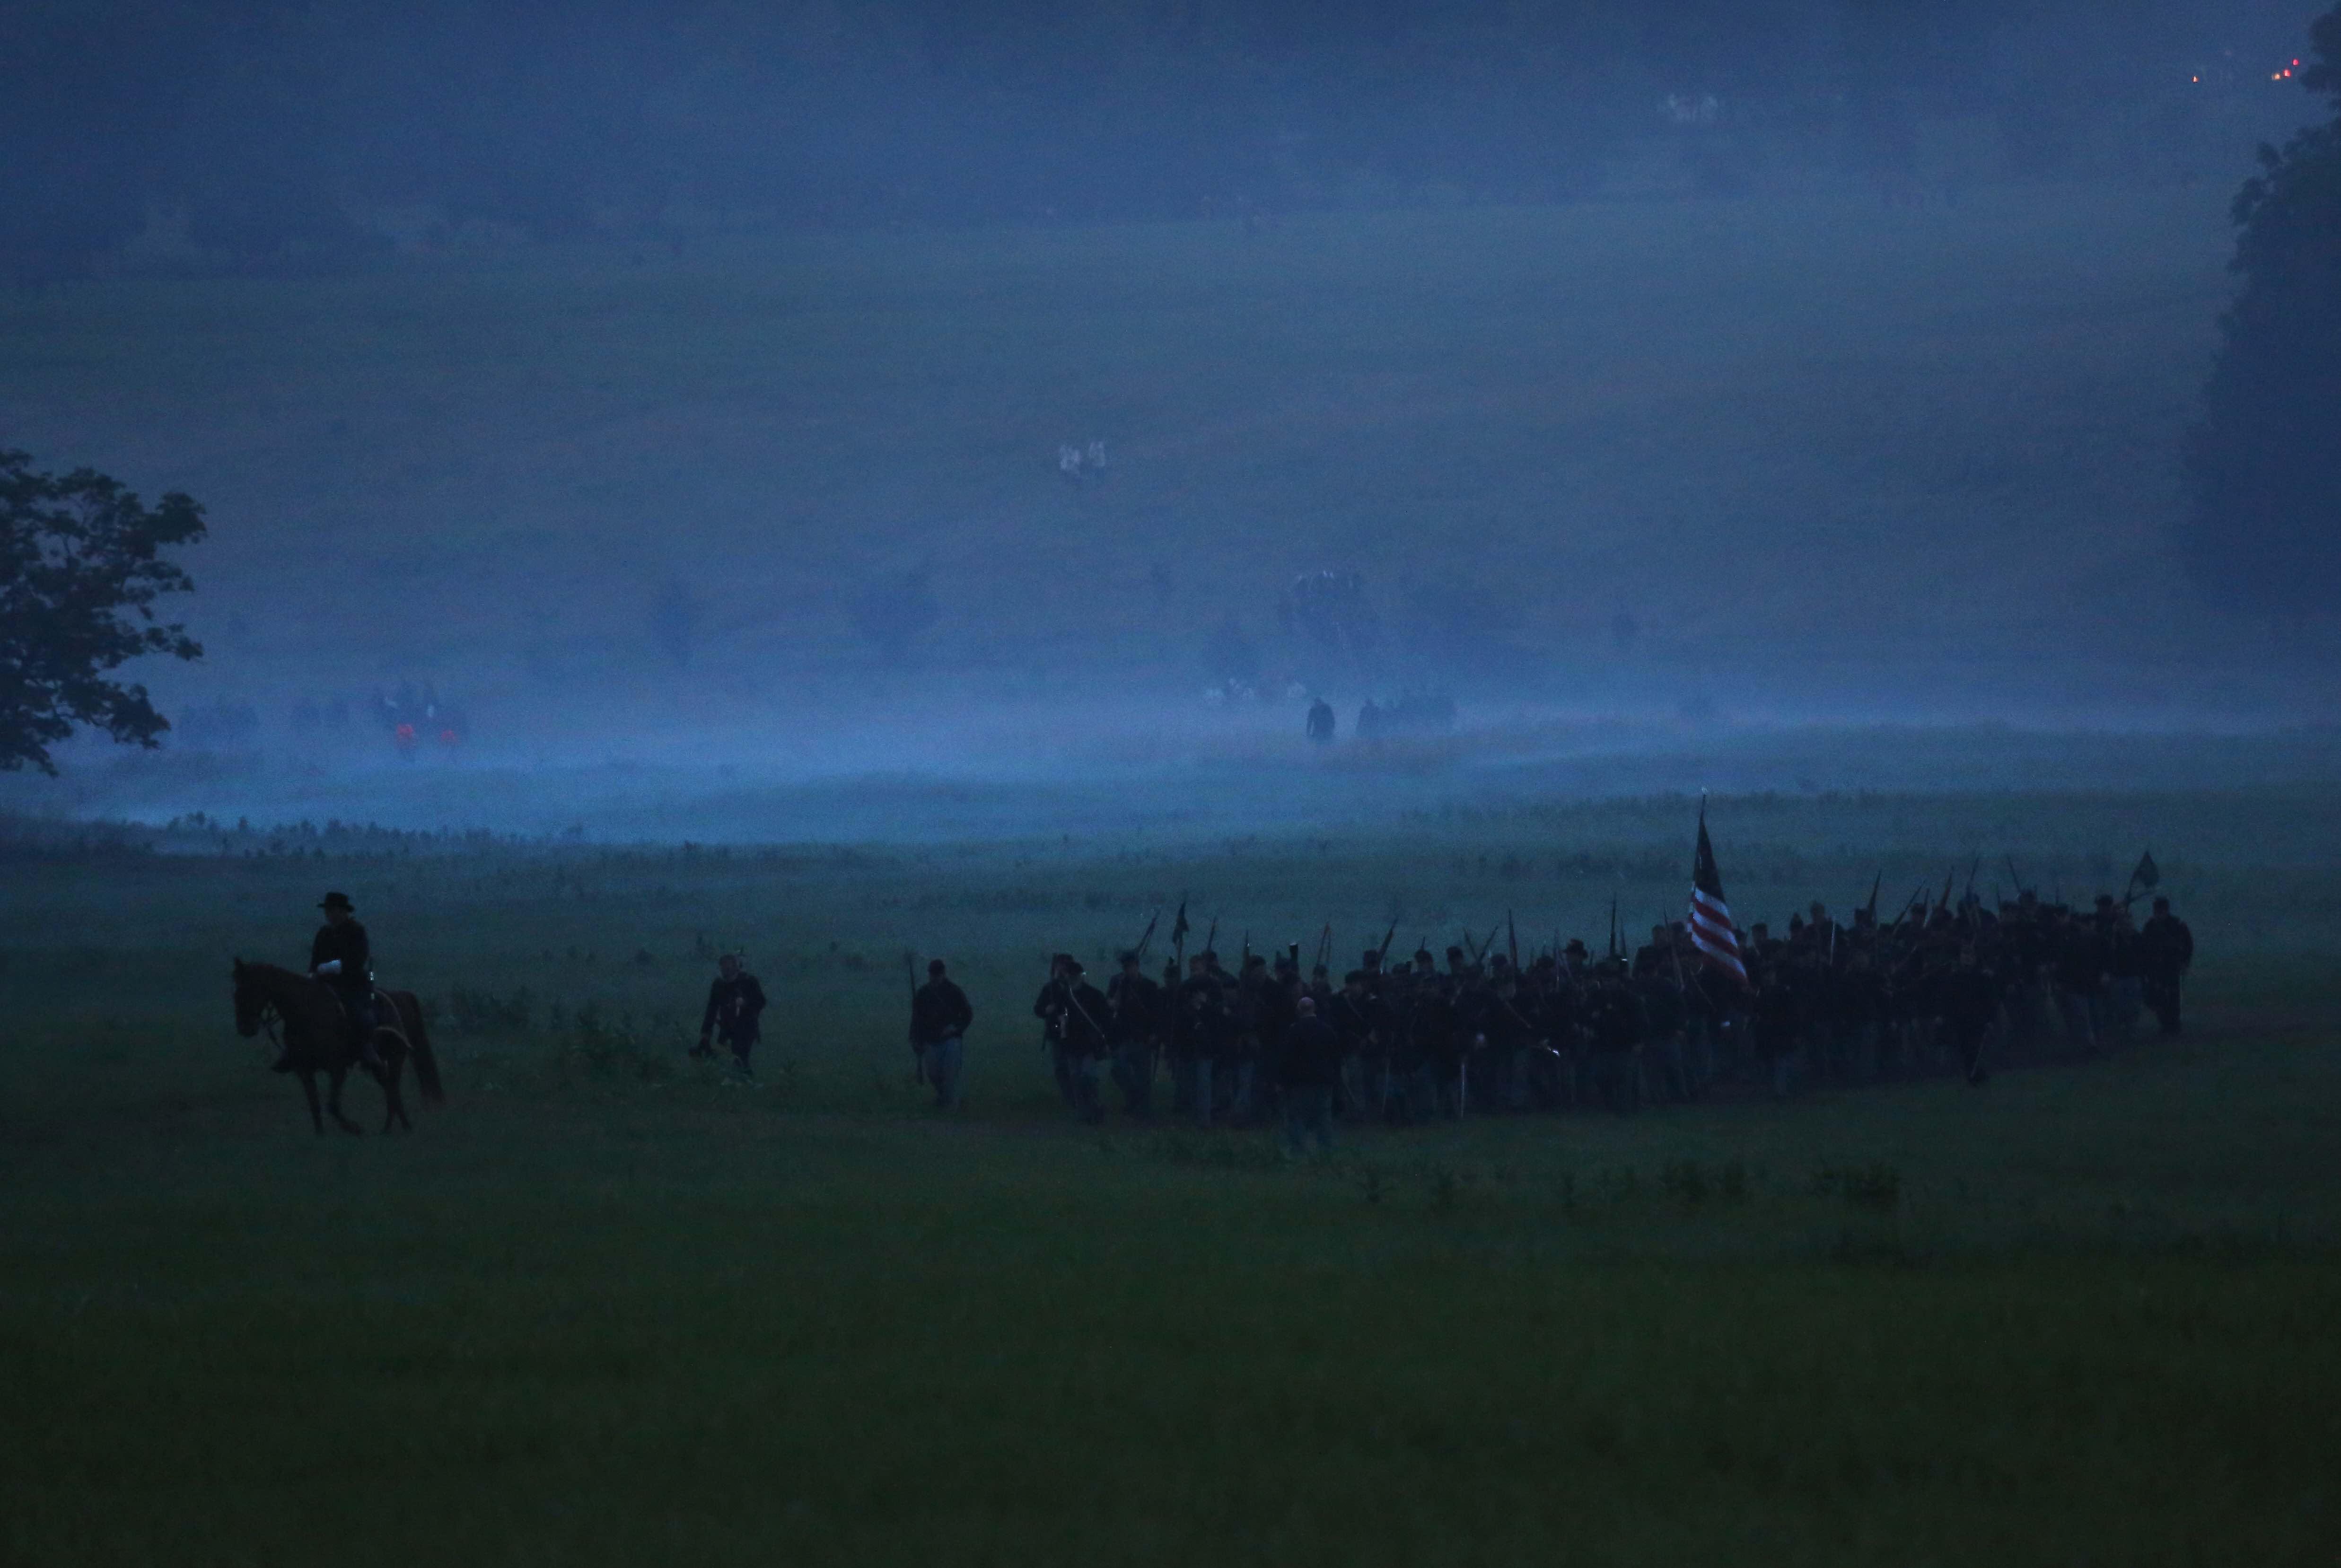 Batalla de Gettysburg abolición esclavitud Estados Unidos